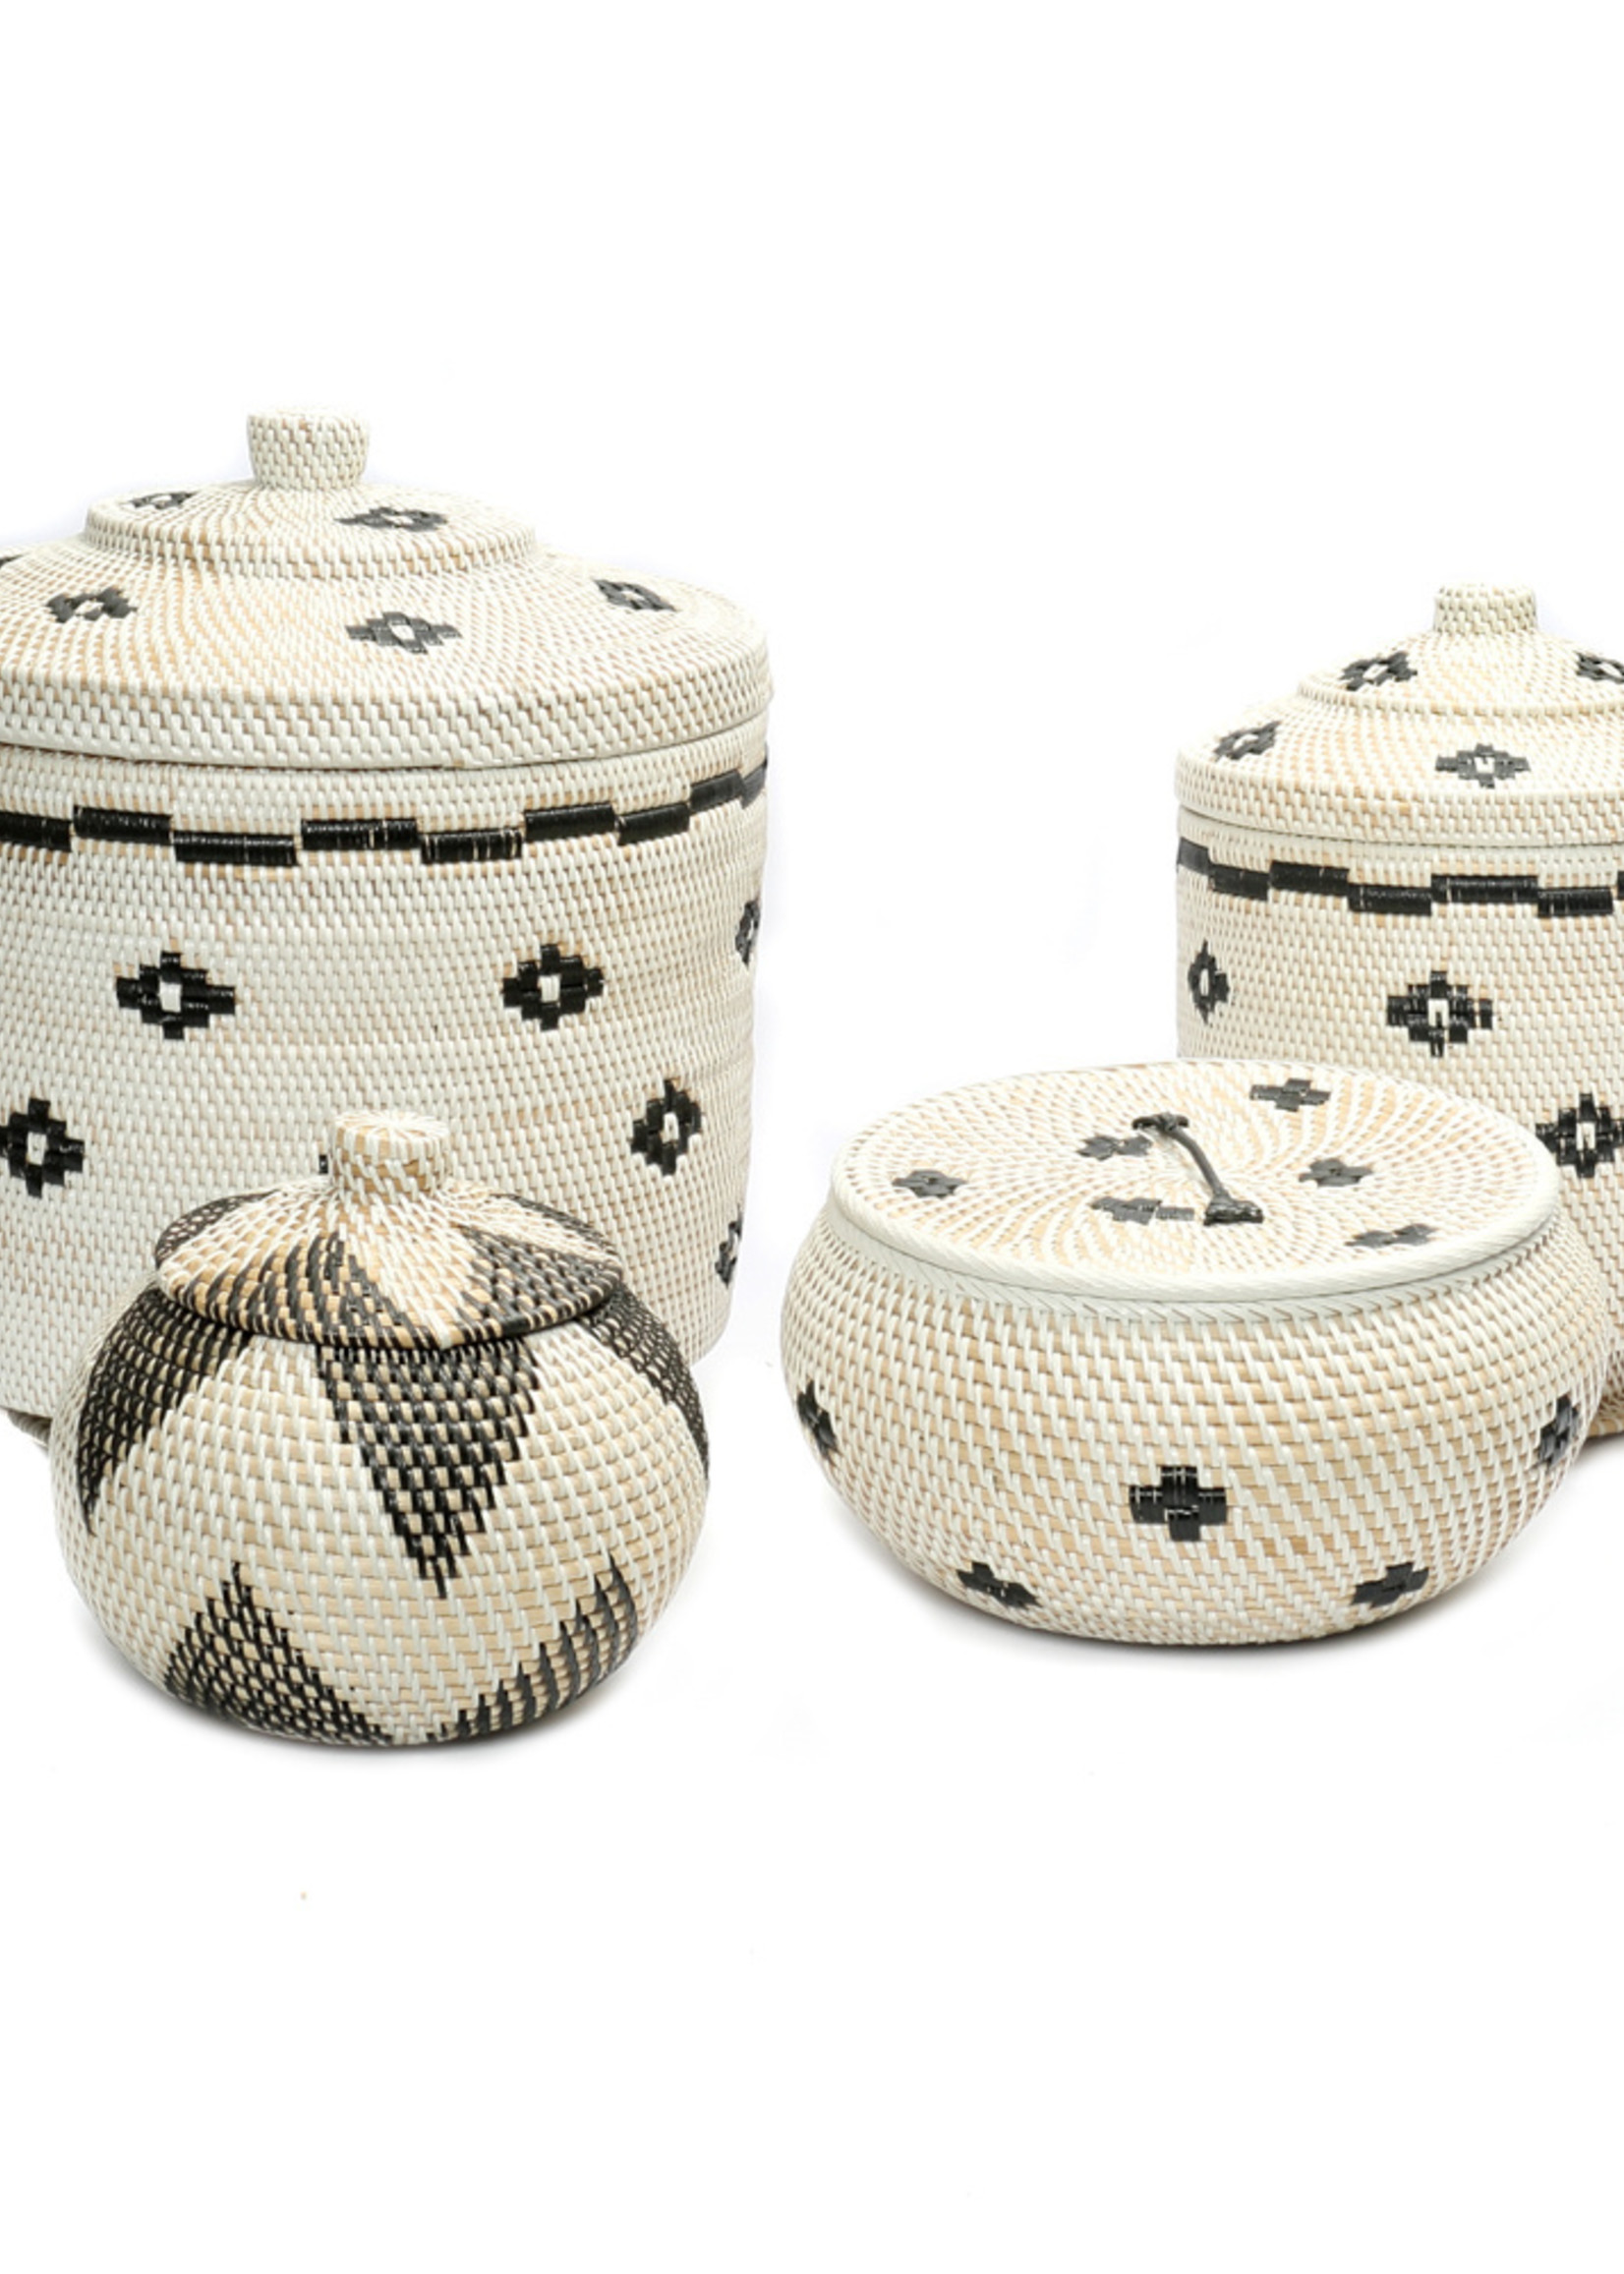 The Sticky Rice Basket - White Black - S